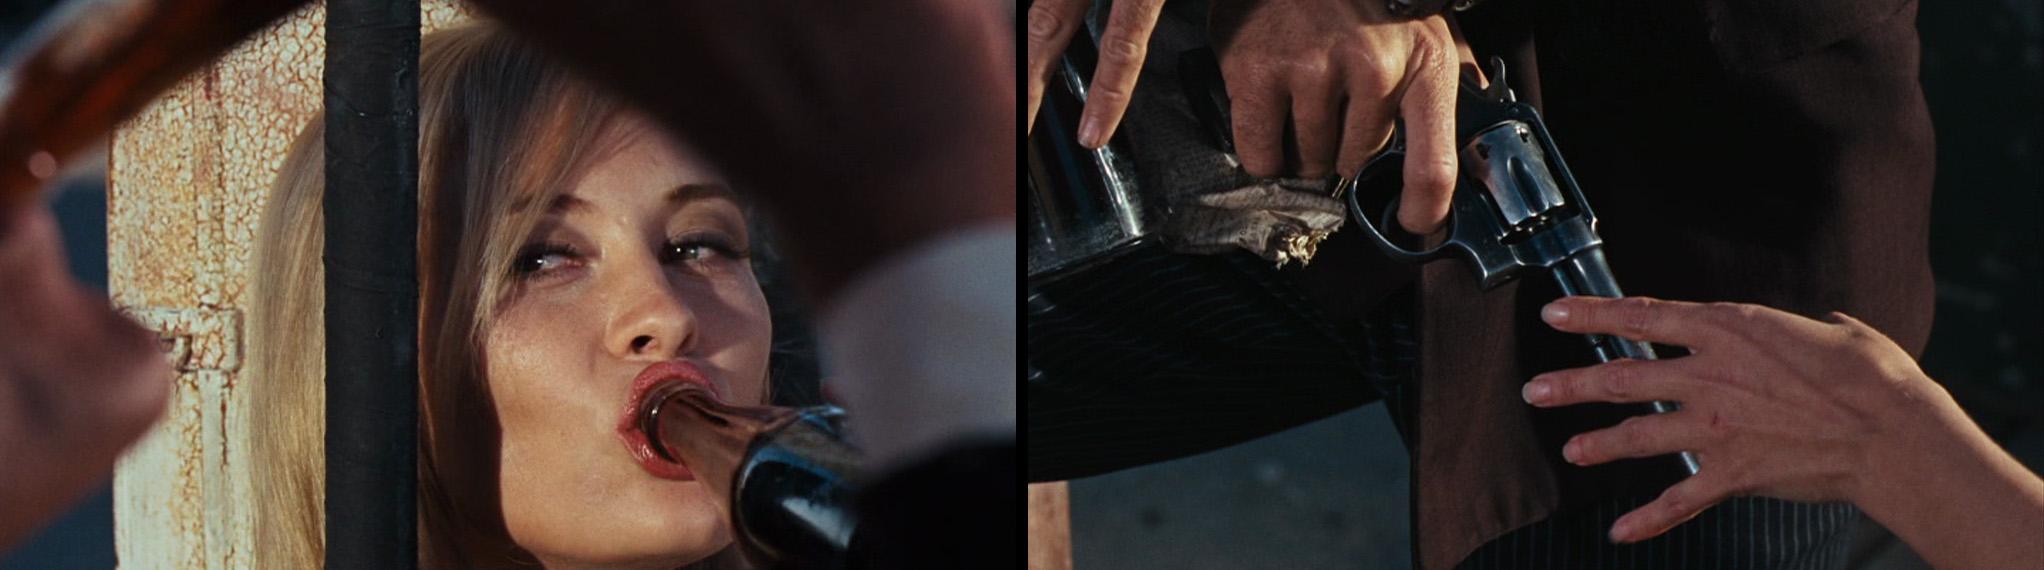 Mytologisering og hentydninger når Bonnie drikker Cola med Clyde, og han sier henne pistolen sin.